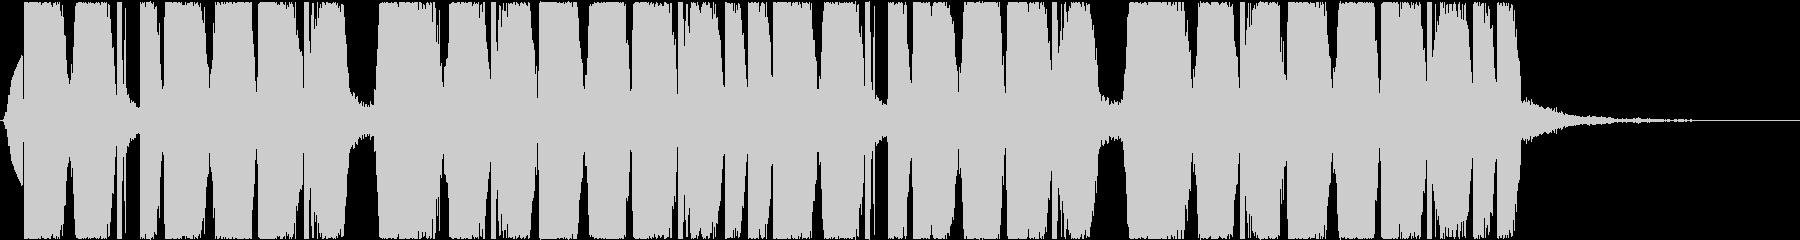 透明感 ジングル Future Bassの未再生の波形